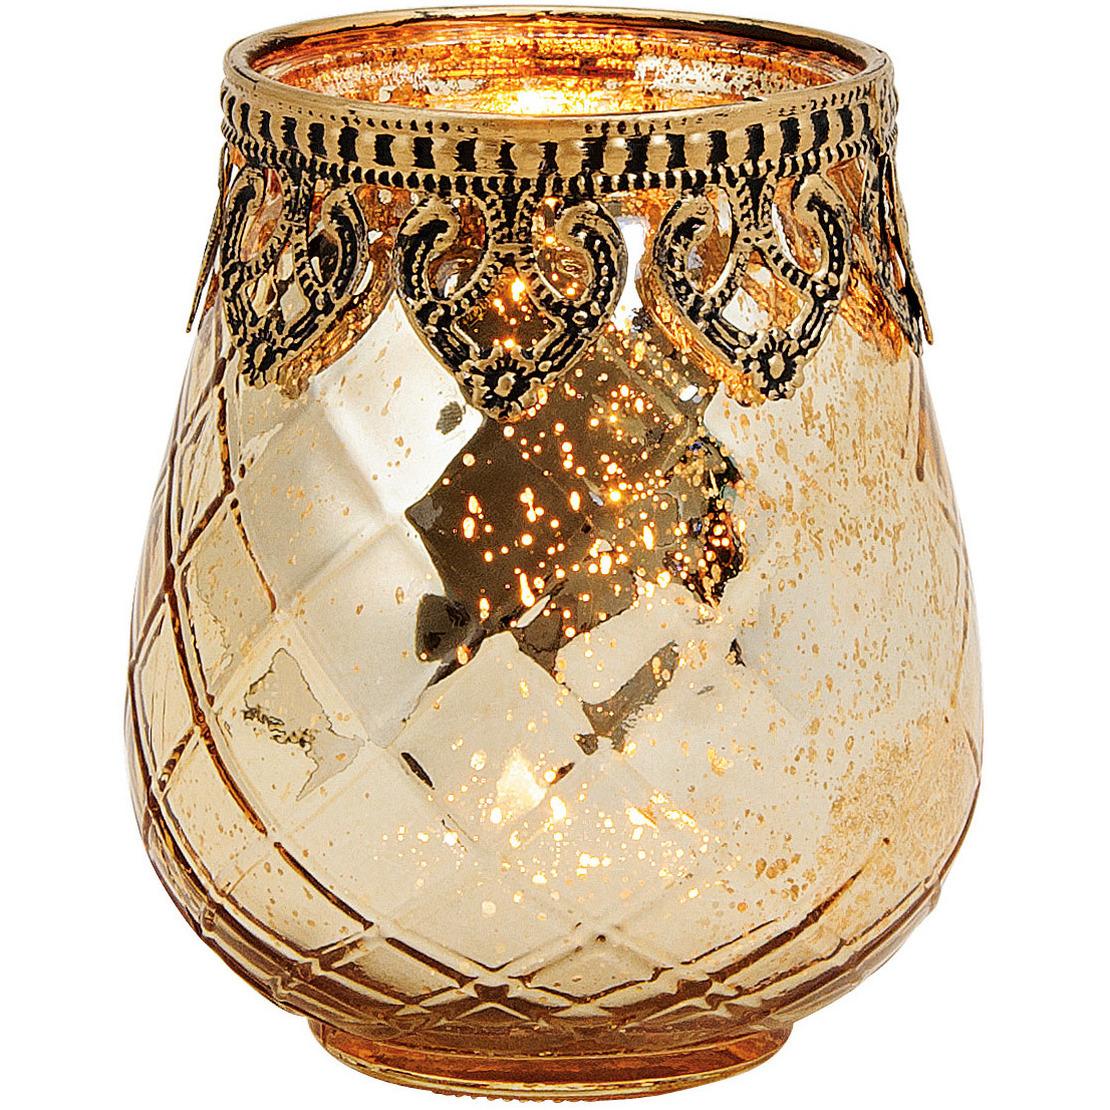 1x Glazen kaarsenhouders voor theelichtjes/waxinelichtjes 9 x 10 cm Oosters -